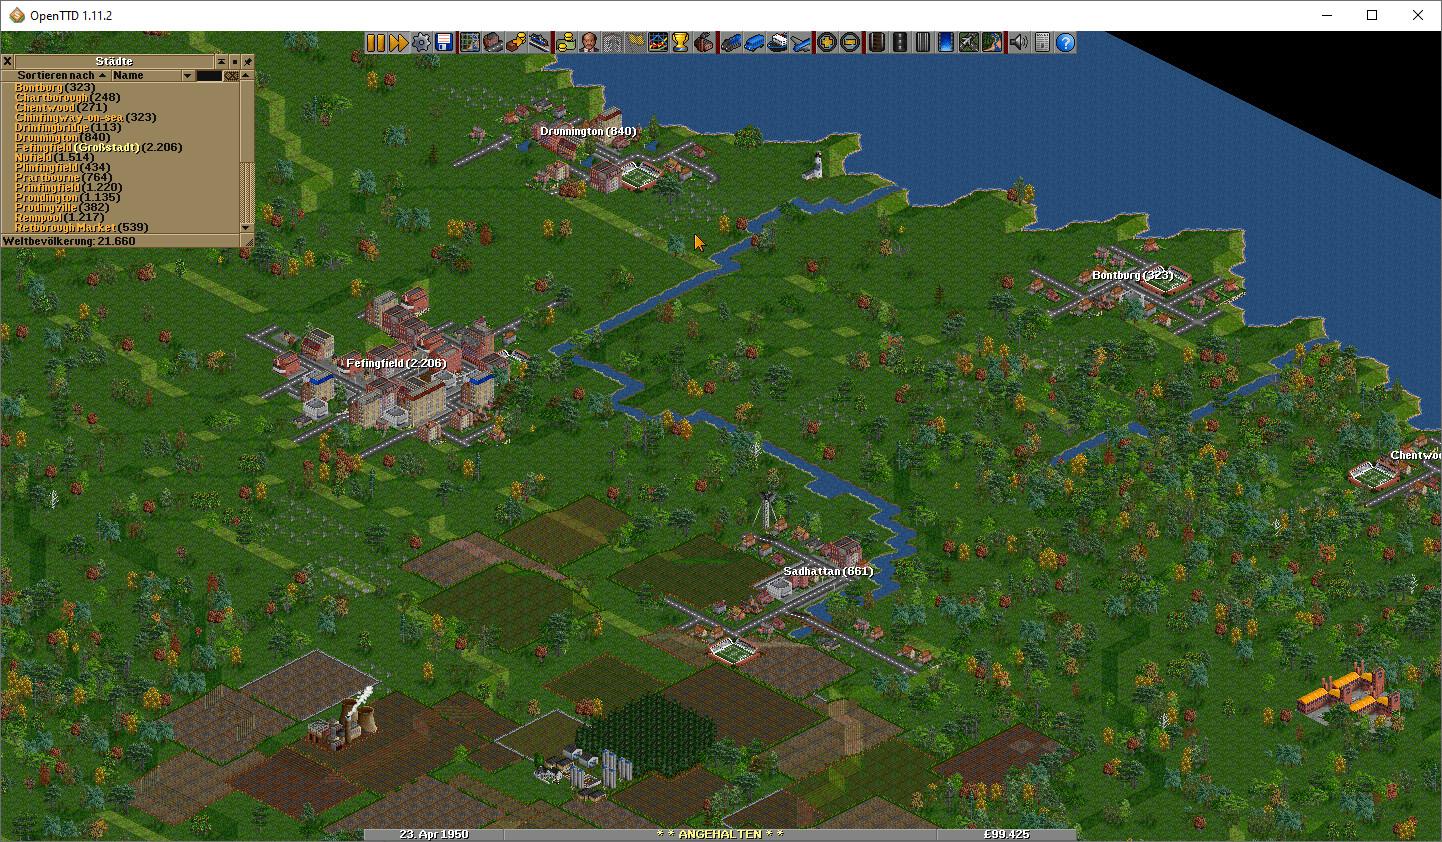 Screenshot 1 - OpenTTD